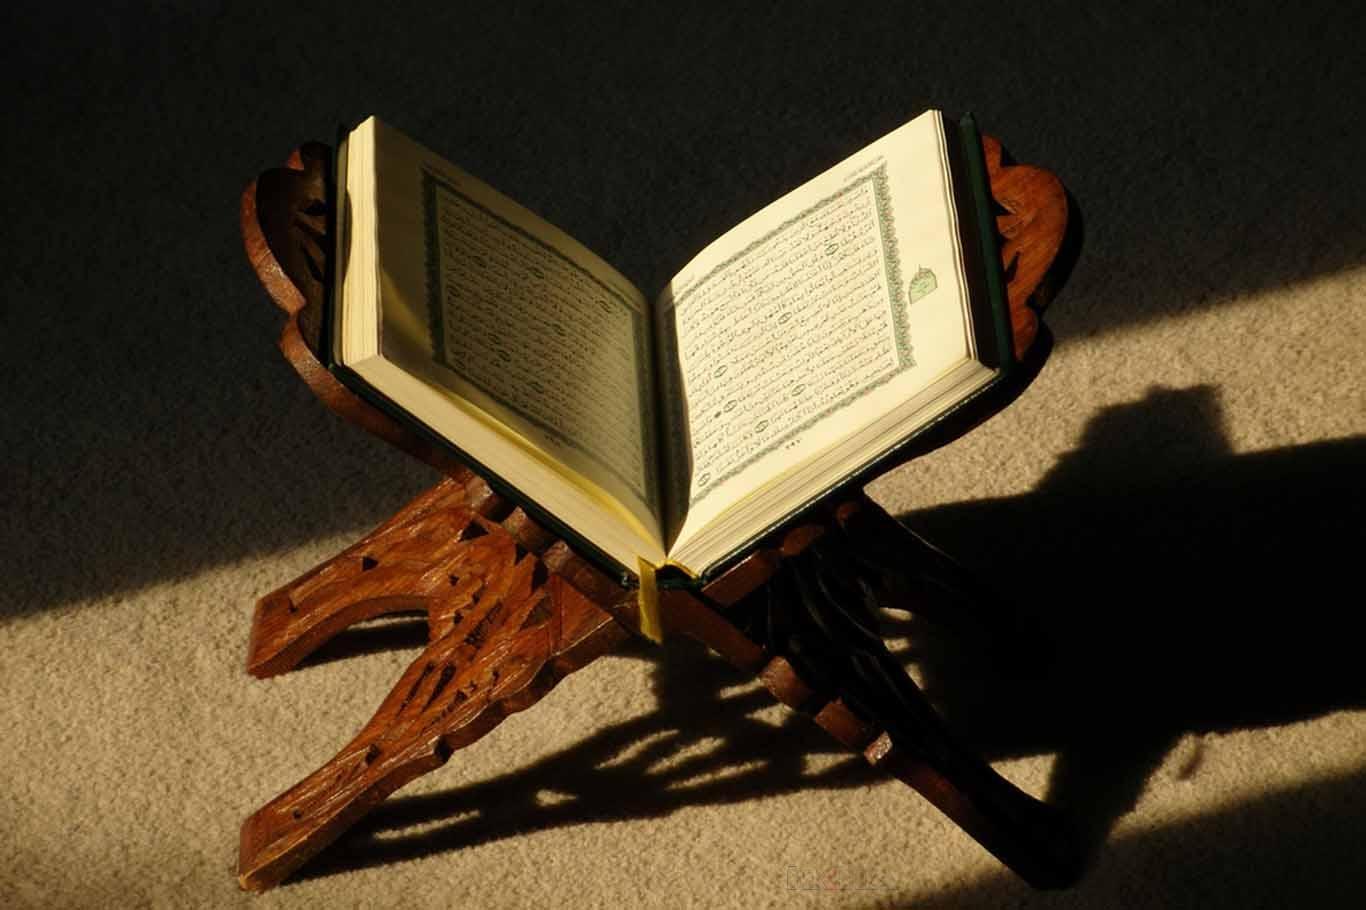 Günahlardan temizlenme ve arınma gecesi: Beraat